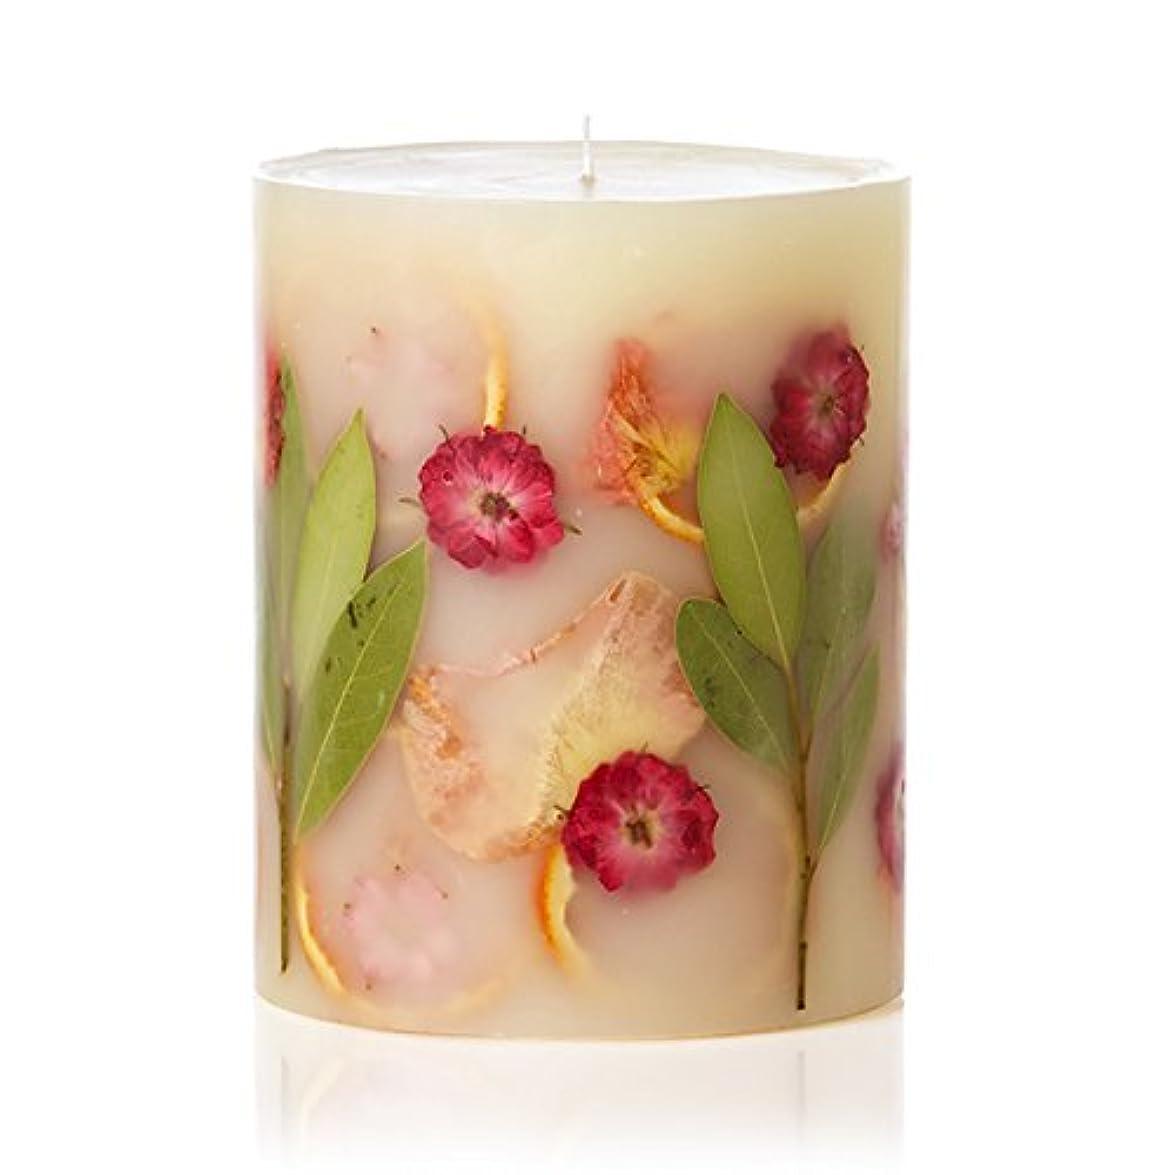 トークン怒っている牛ロージーリングス ボタニカルキャンドル トールラウンド ピオニー&ポメロ ROSY RINGS Round Botanical CandleTall Round Peony & Pomelo